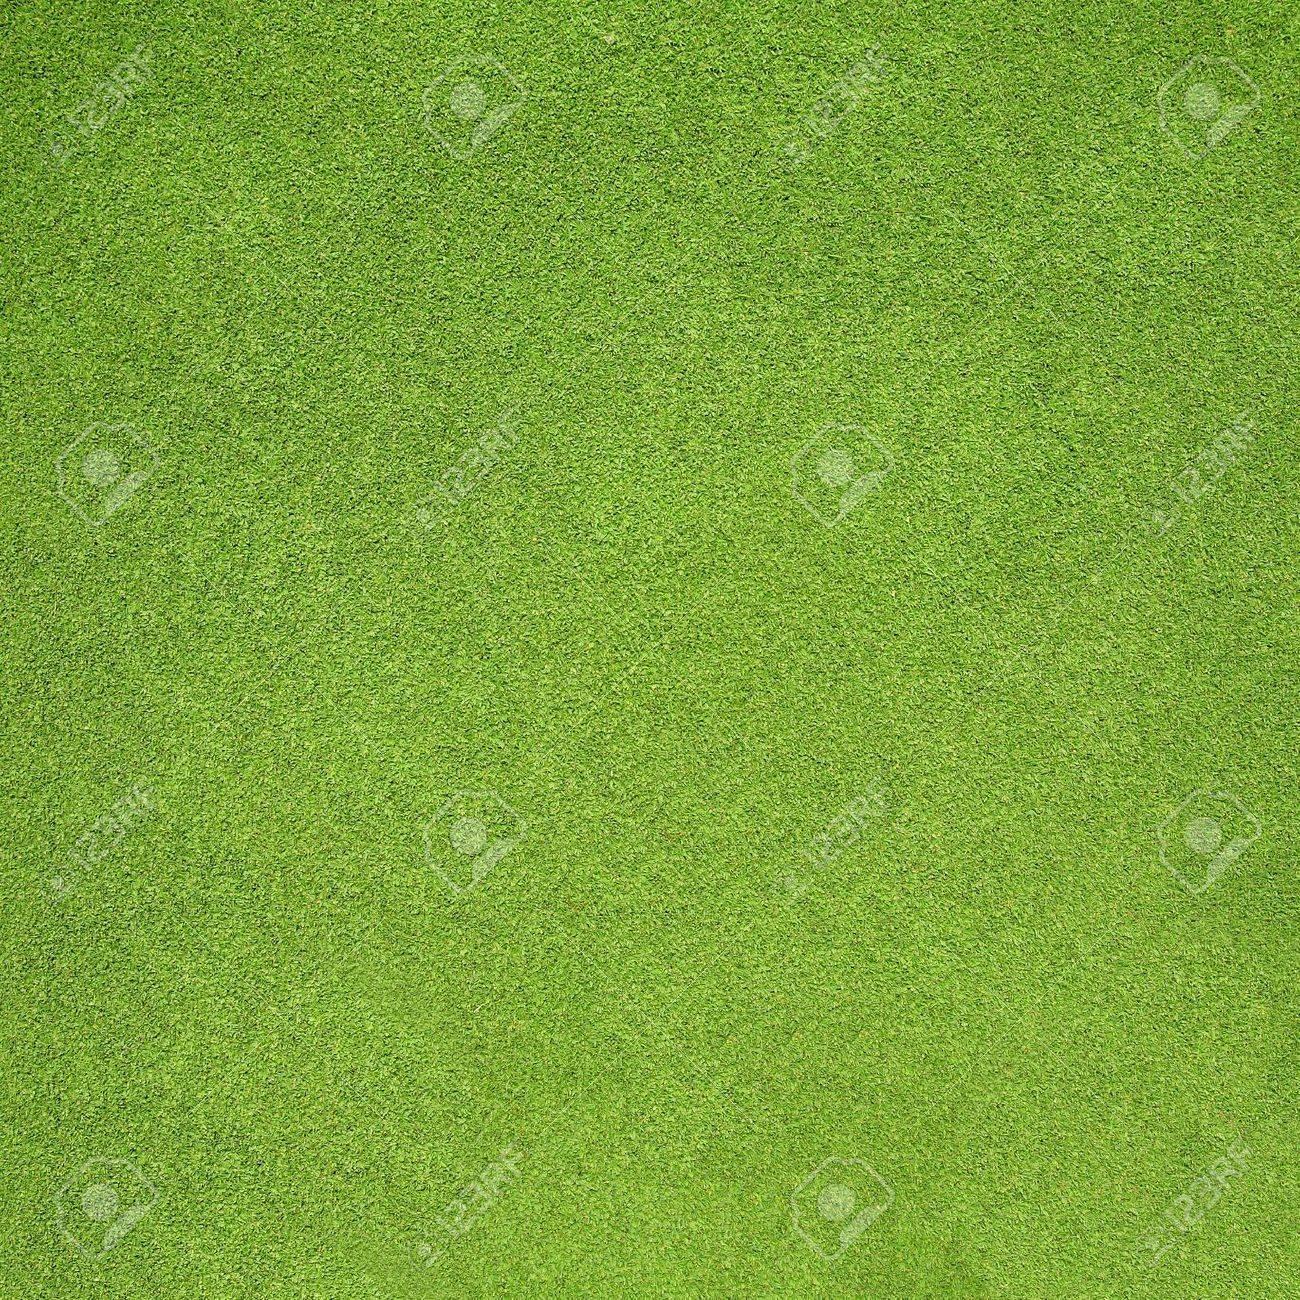 Grass - 16272965